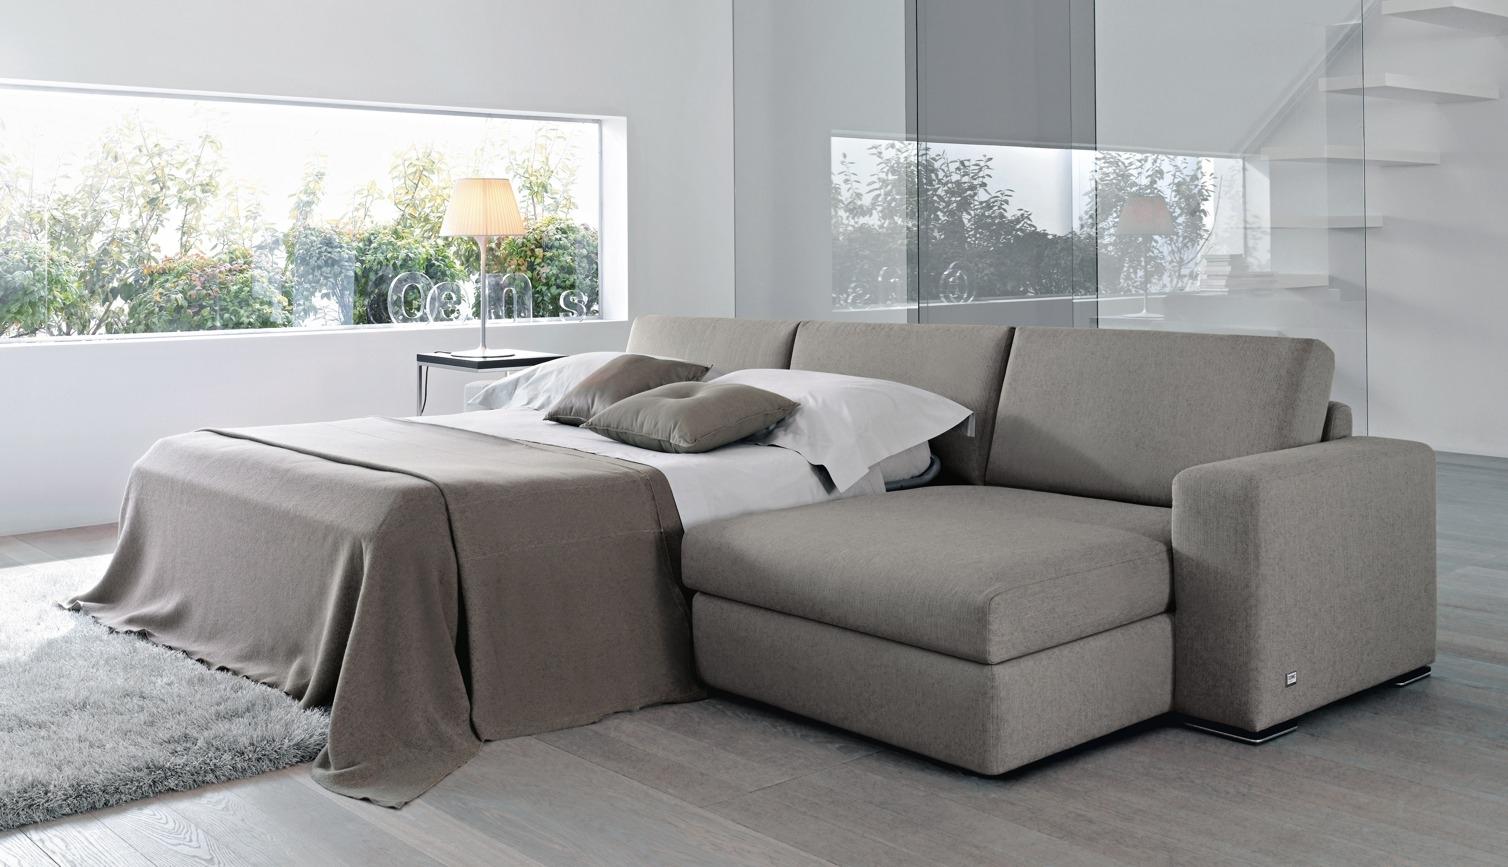 Divani letto contenitore excellent divano letto grigio - Divano con contenitore ikea ...